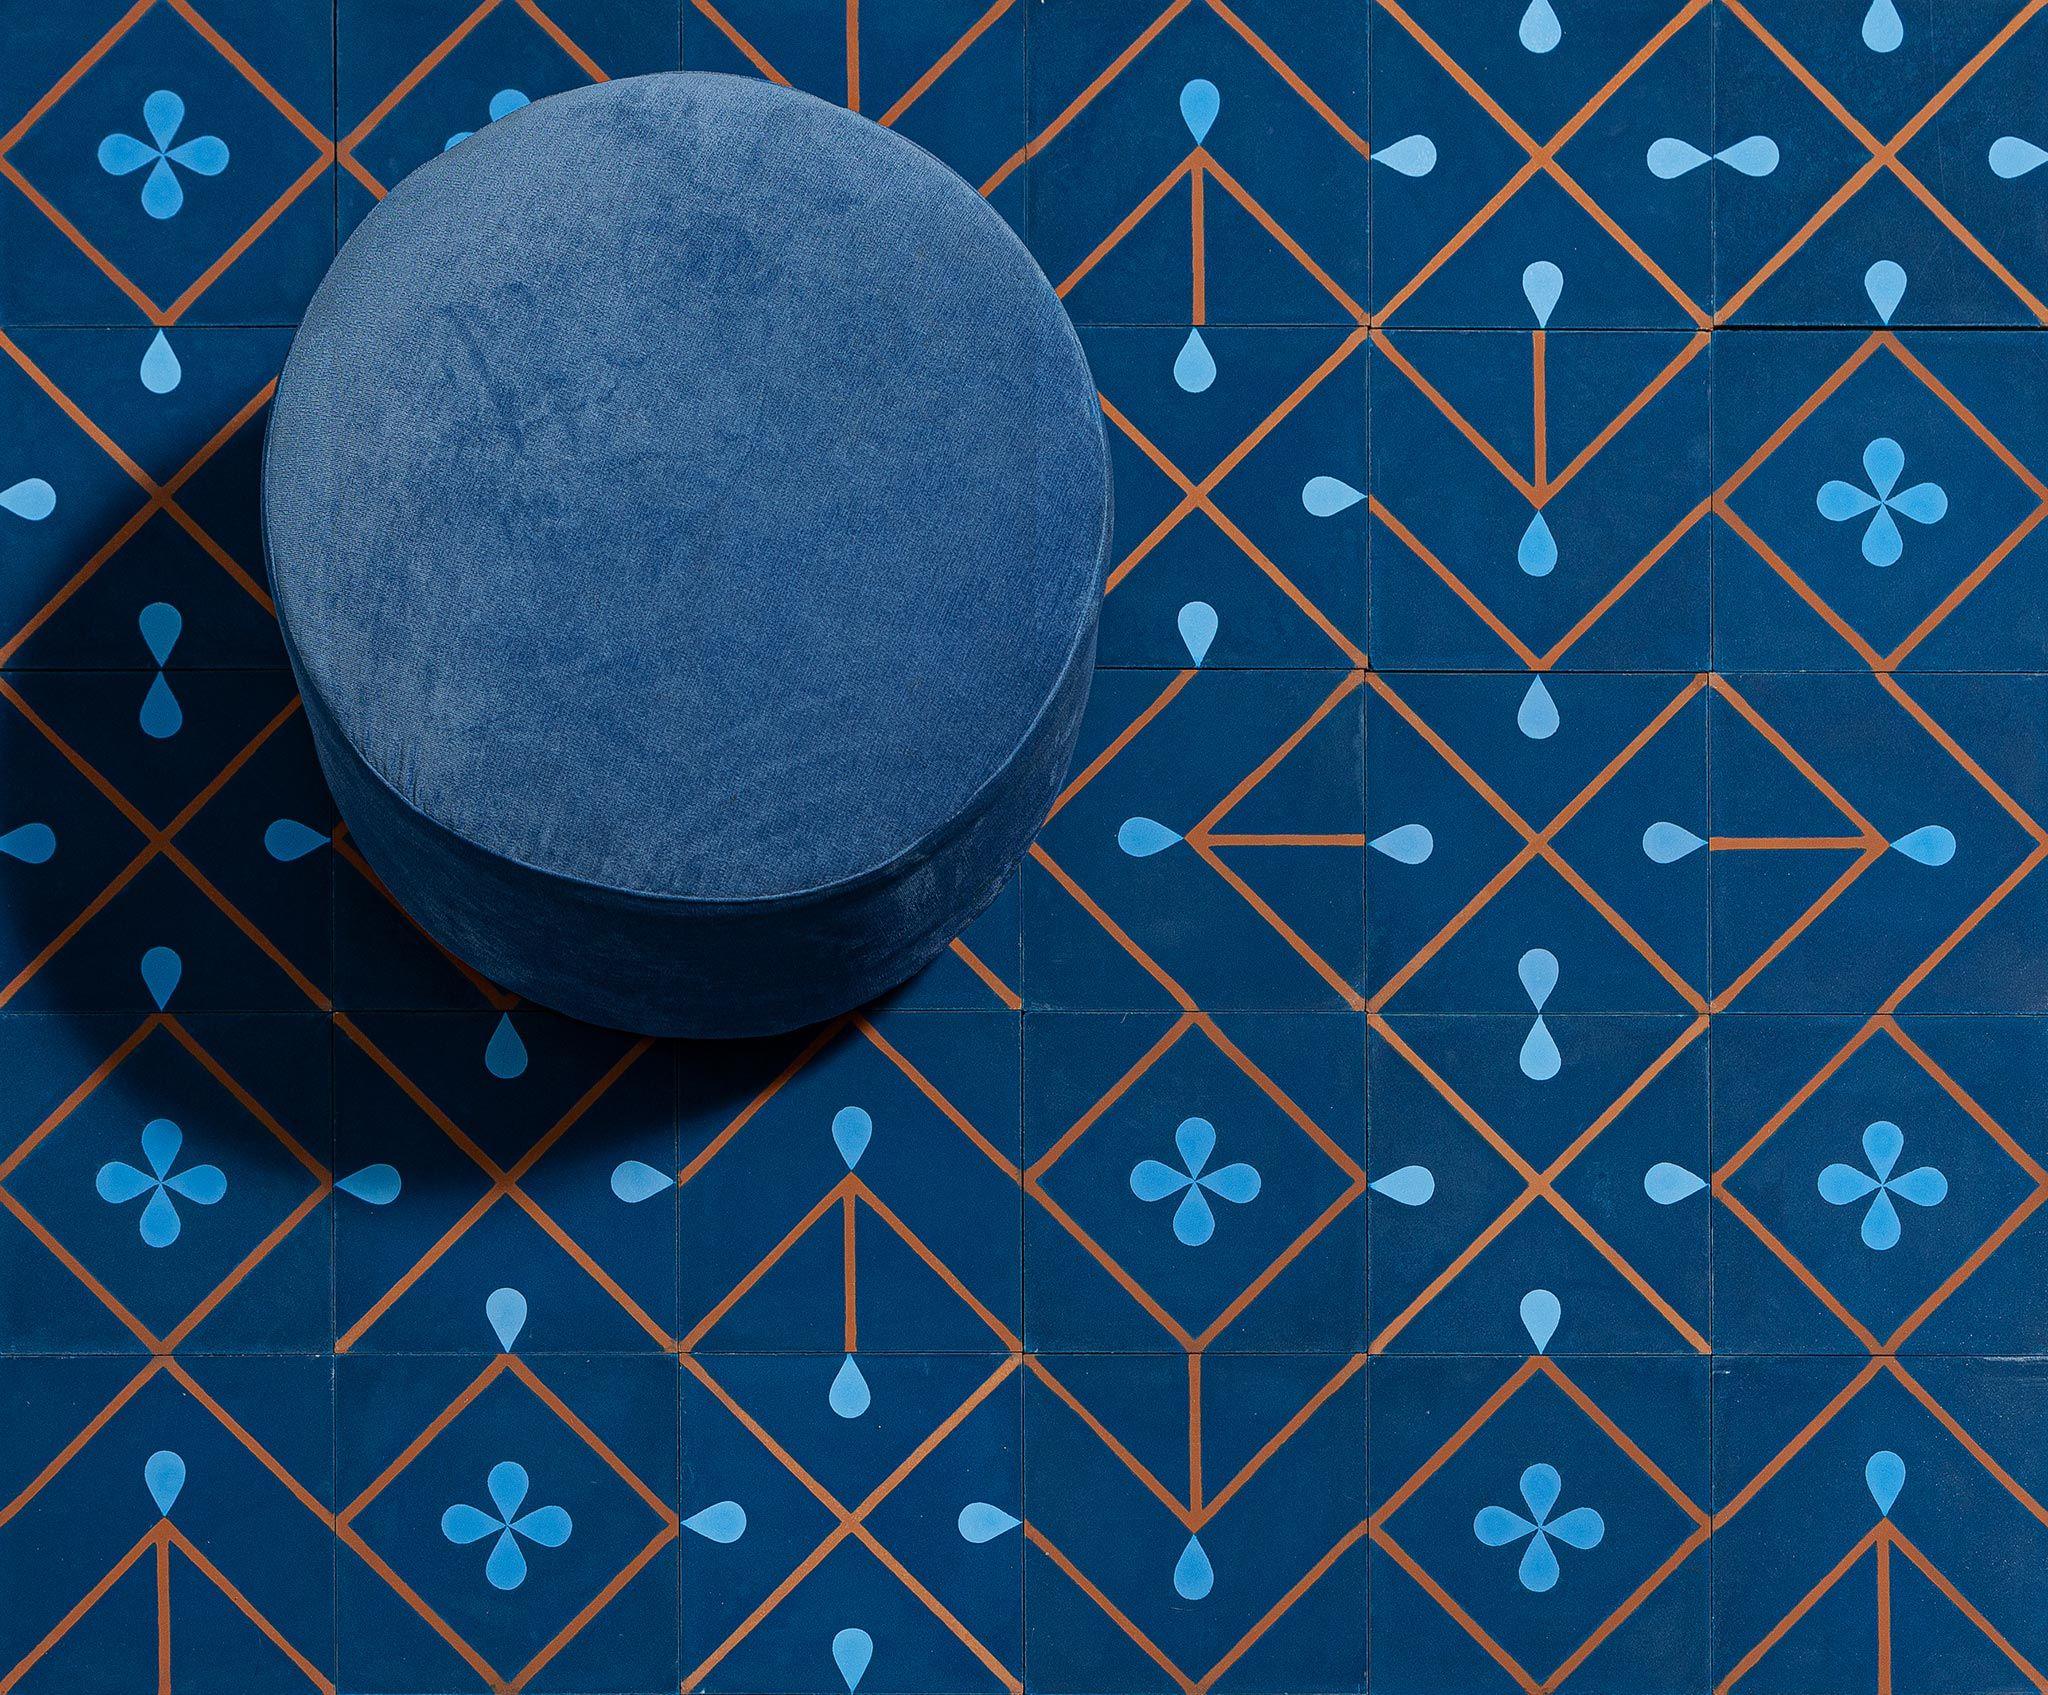 Collection Exclusive De 3 Modeles De Carreaux De Ciment A Combiner Ou A Jouer A L Unite Couleurs Personnalisables Fabricatio En 2020 Carreau De Ciment Carreau Ciment